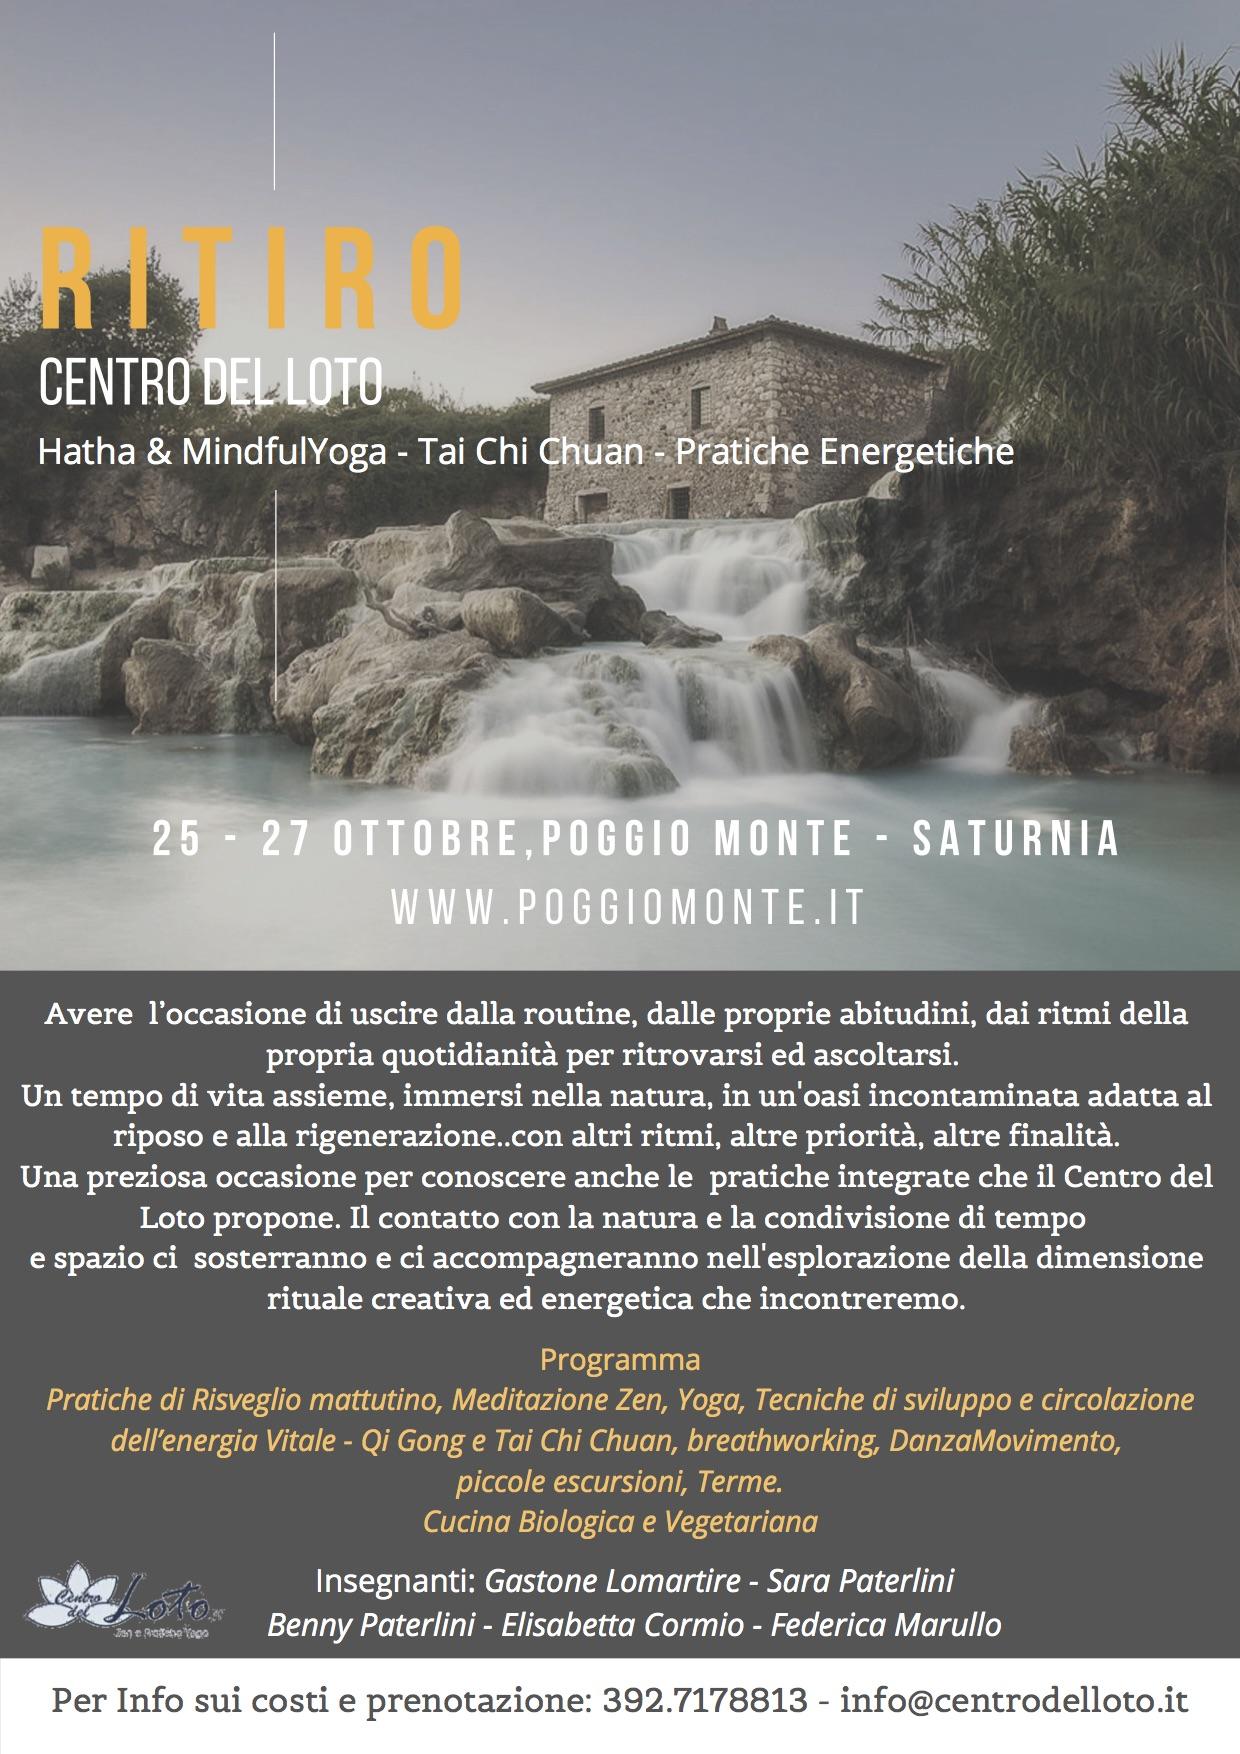 RITIRO CENTRO DEL LOTO @ Poggio Monte - Saturnia